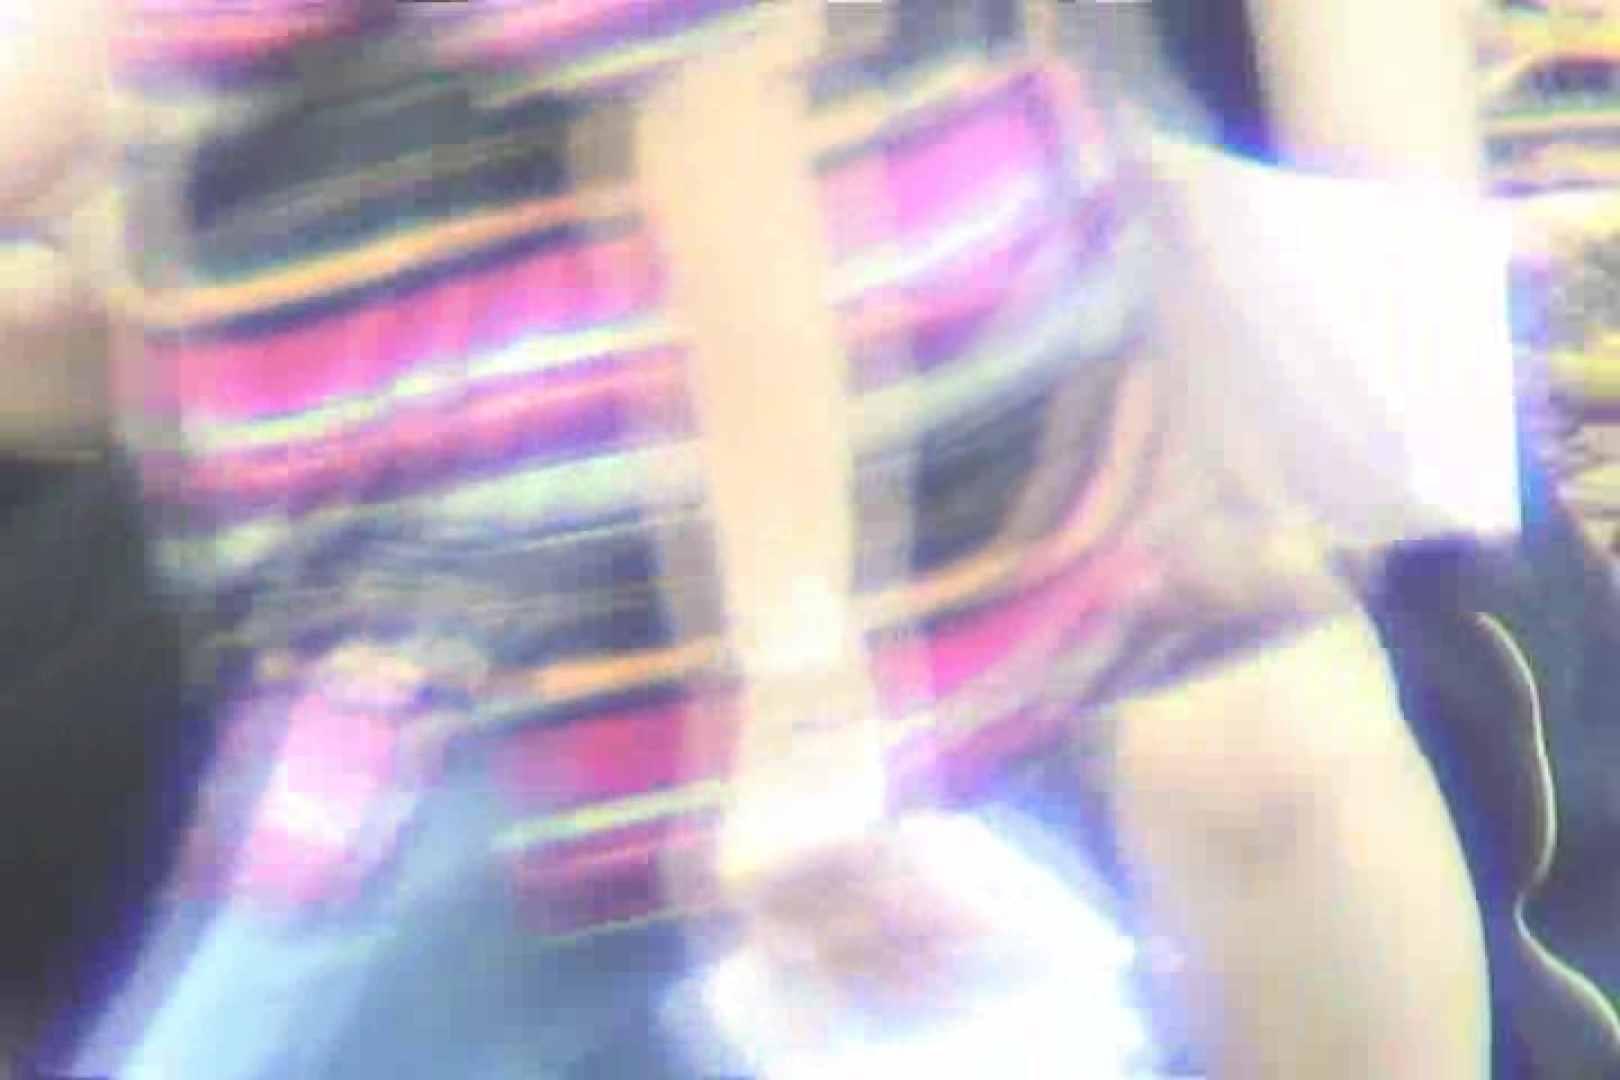 超最新版!春夏秋冬 vol.04 Hな女子大生 戯れ無修正画像 98pic 35